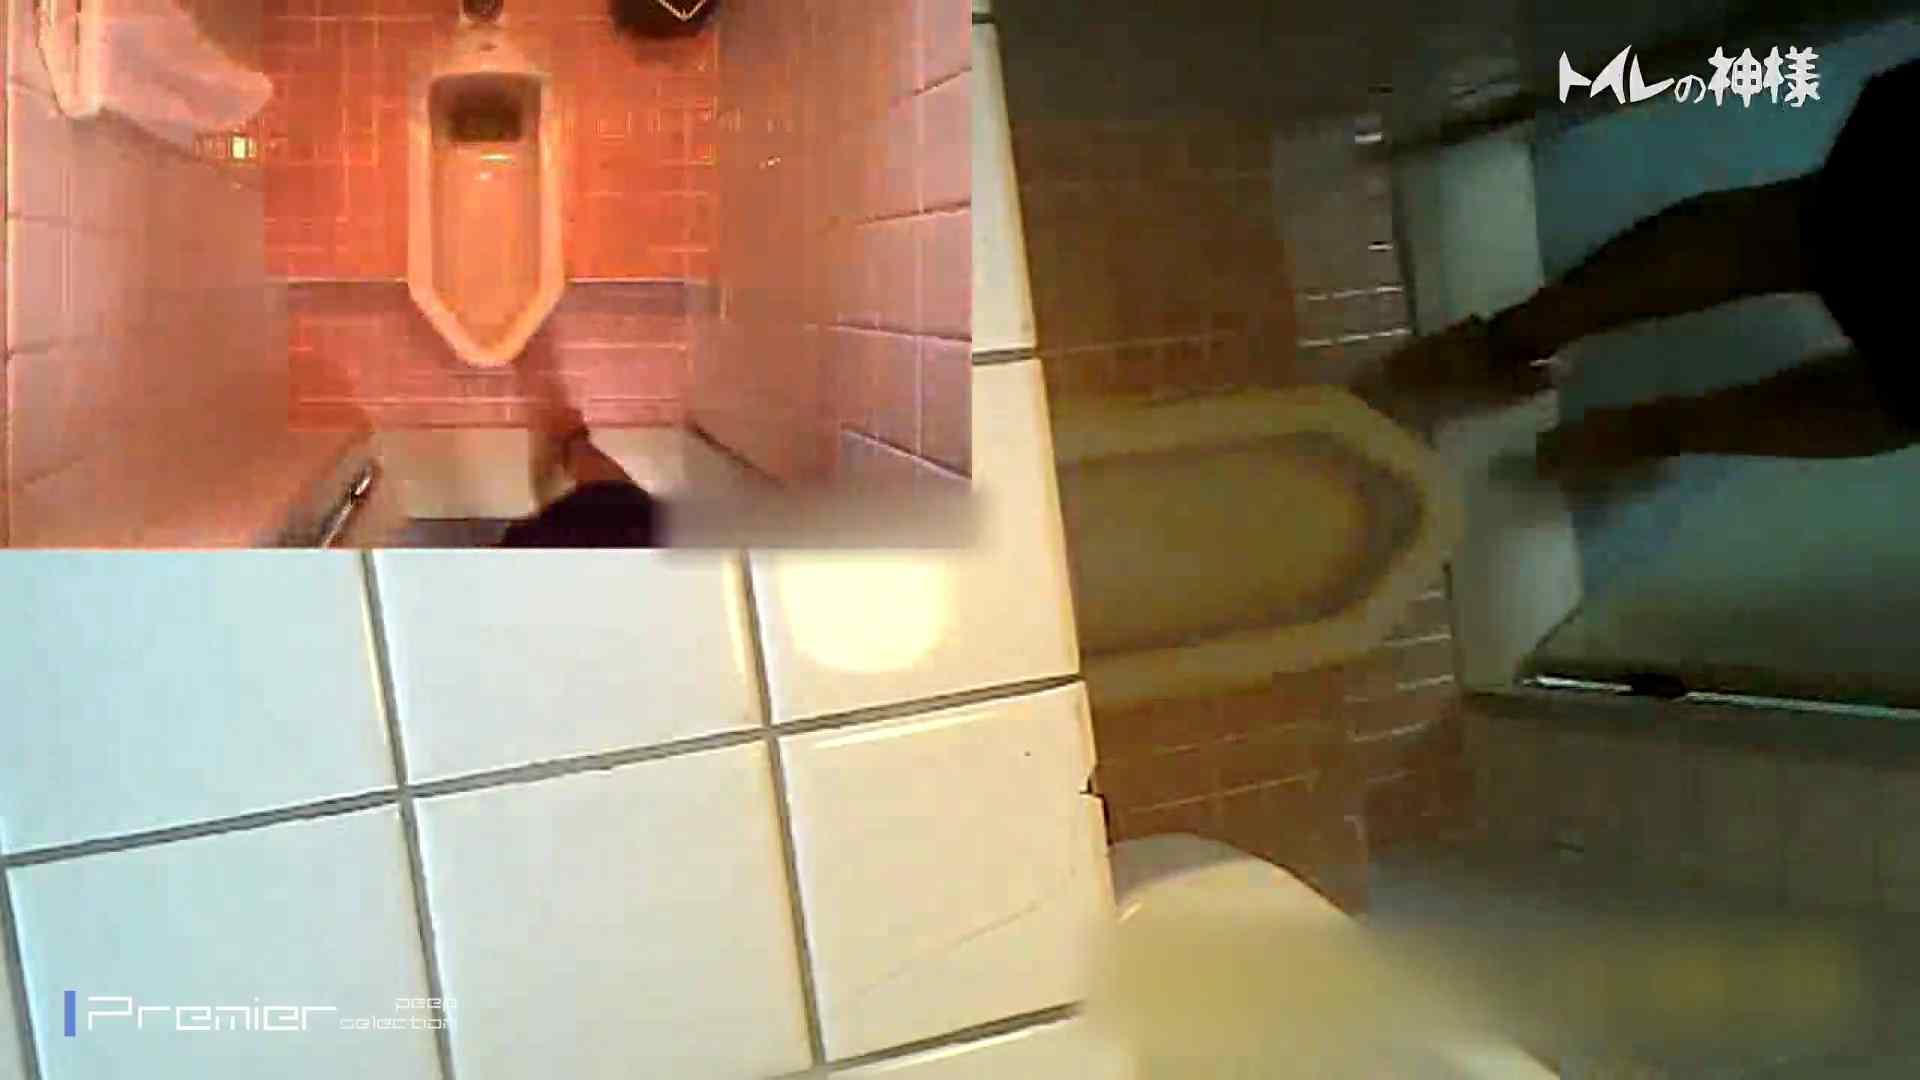 kyouko排泄 うんこをたくさん集めました。トイレの神様 Vol.14 OL   リアルすぎる排泄  83連発 2